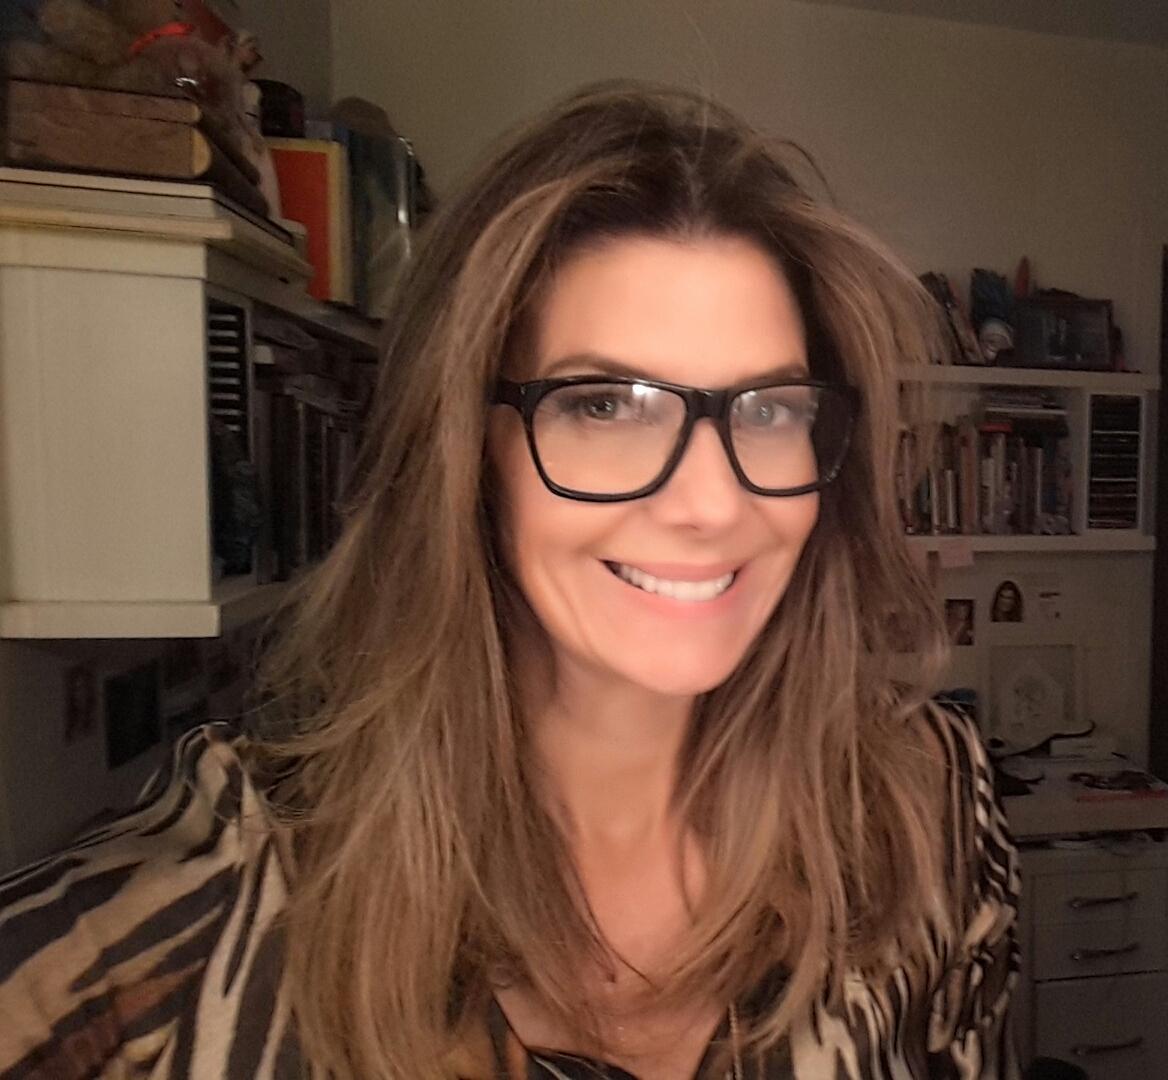 Óculos de grau! Escolha a armação perfeita para seu rosto   Fabiana ... de8ef462a5